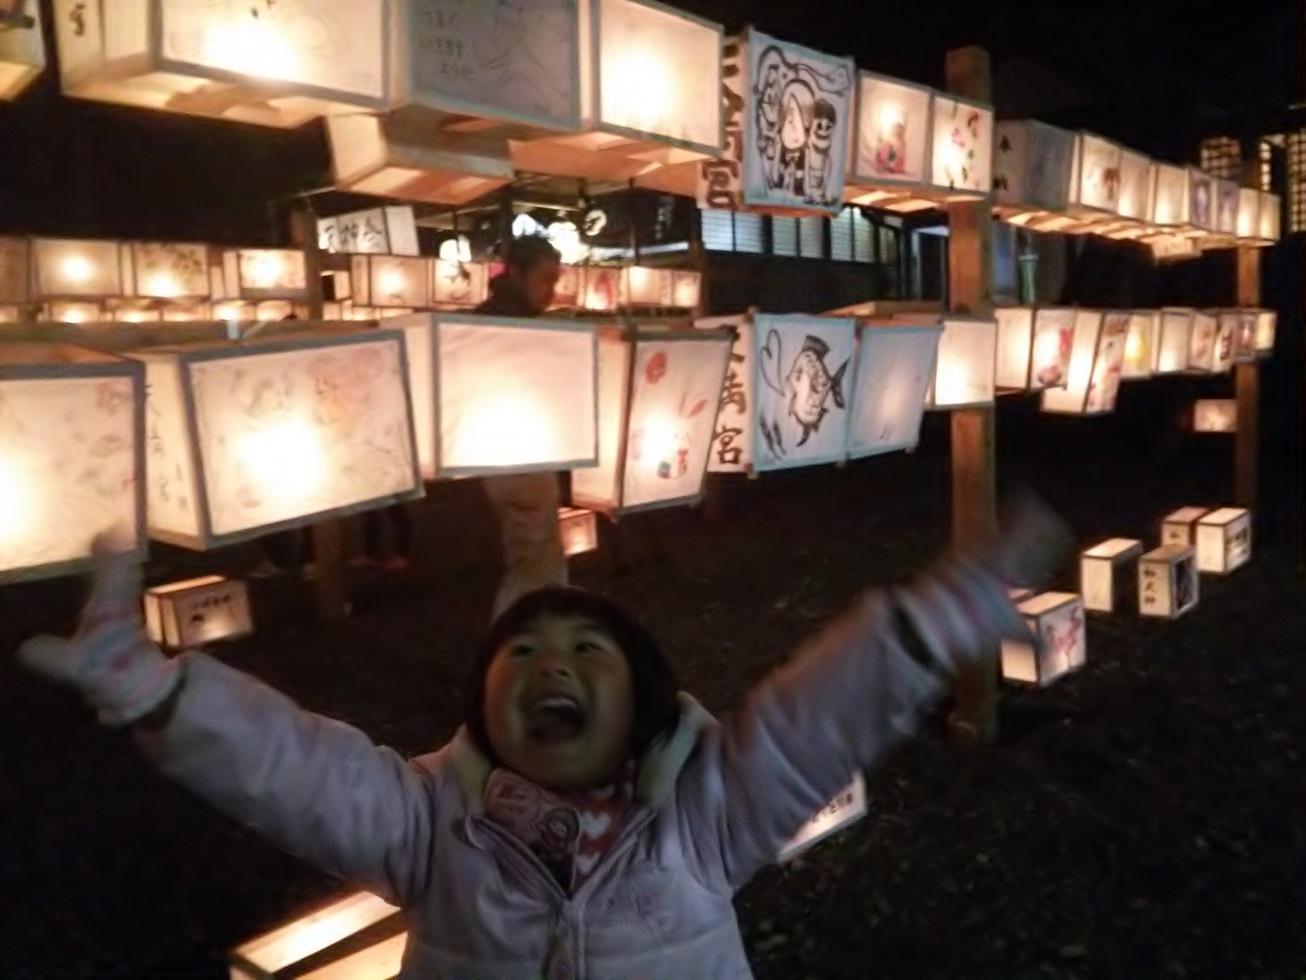 久しぶりに行った、引本神社の初天神祭_c0010936_3311615.jpg